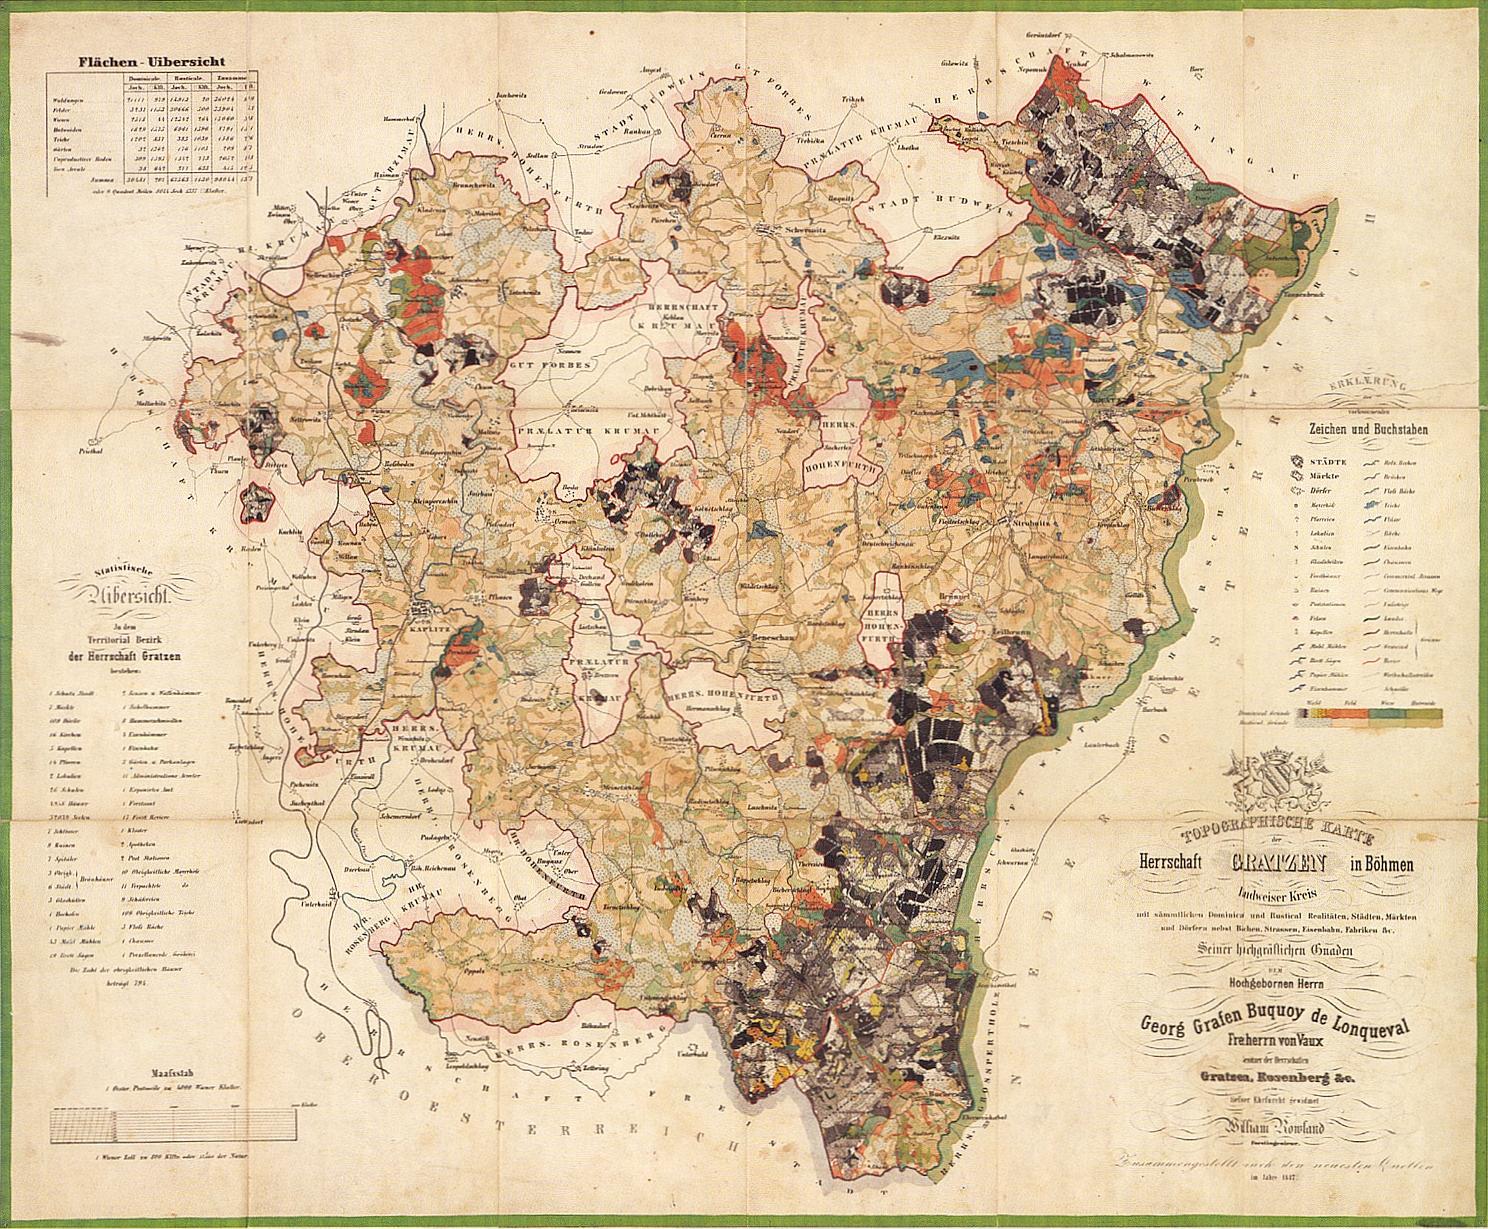 Mapa novohradského panství z roku 1847 (klikněte na obrázek pro zvětšení)